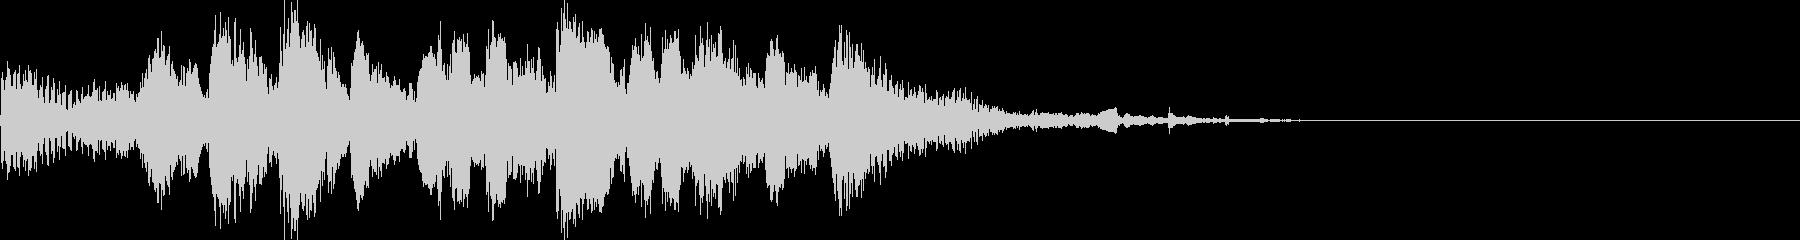 生演奏リコーダーでさえずるようなジングルの未再生の波形